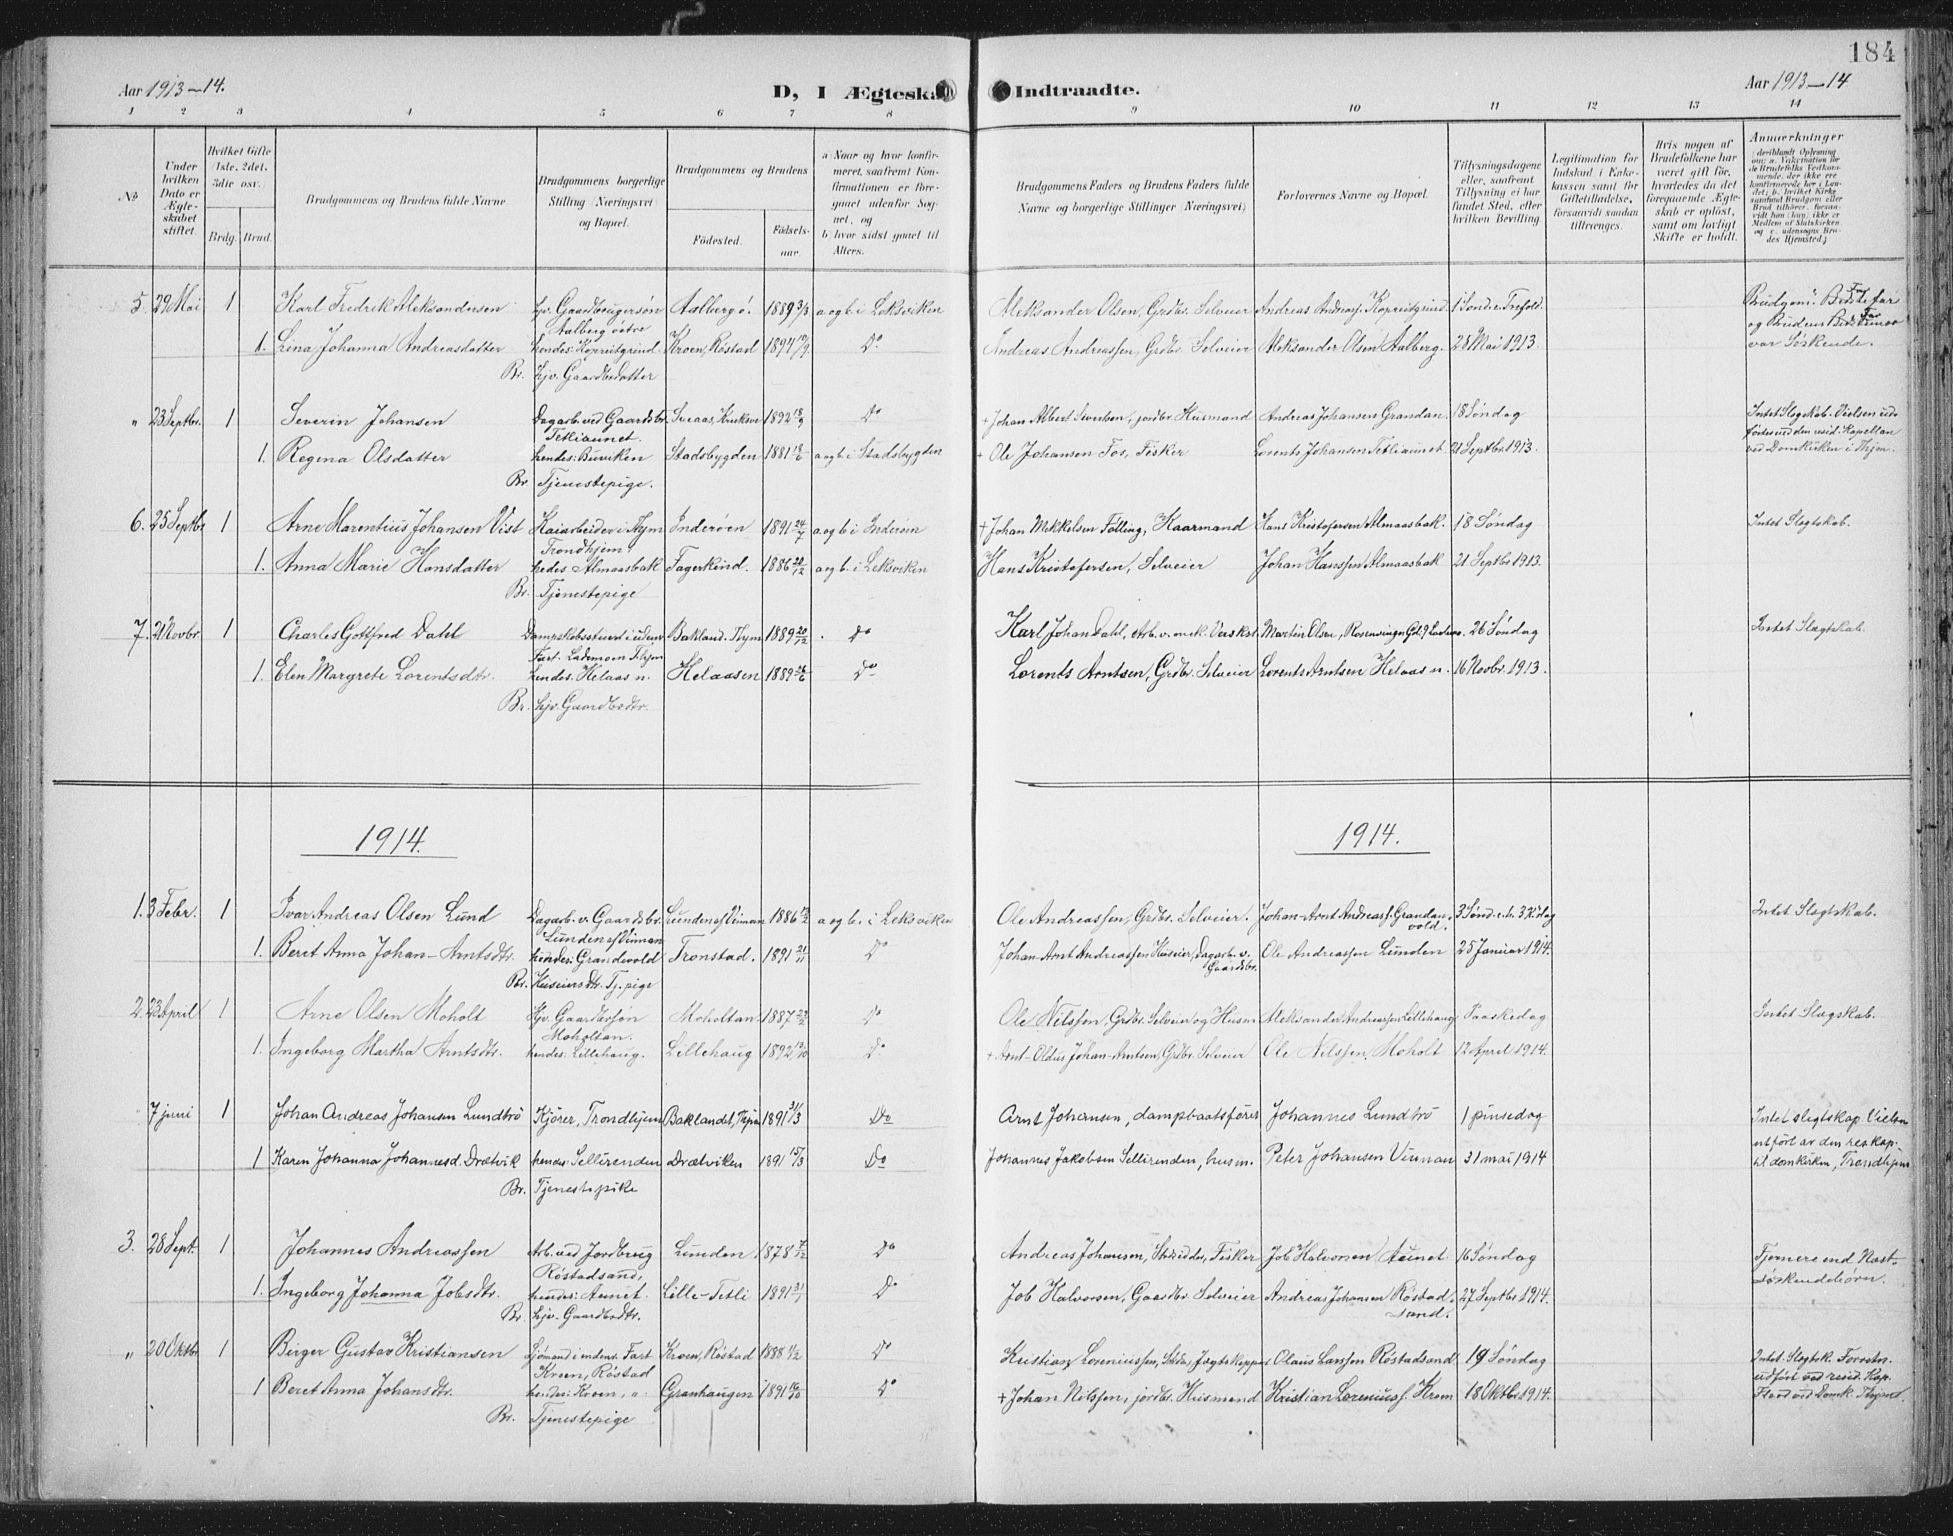 SAT, Ministerialprotokoller, klokkerbøker og fødselsregistre - Nord-Trøndelag, 701/L0011: Ministerialbok nr. 701A11, 1899-1915, s. 184